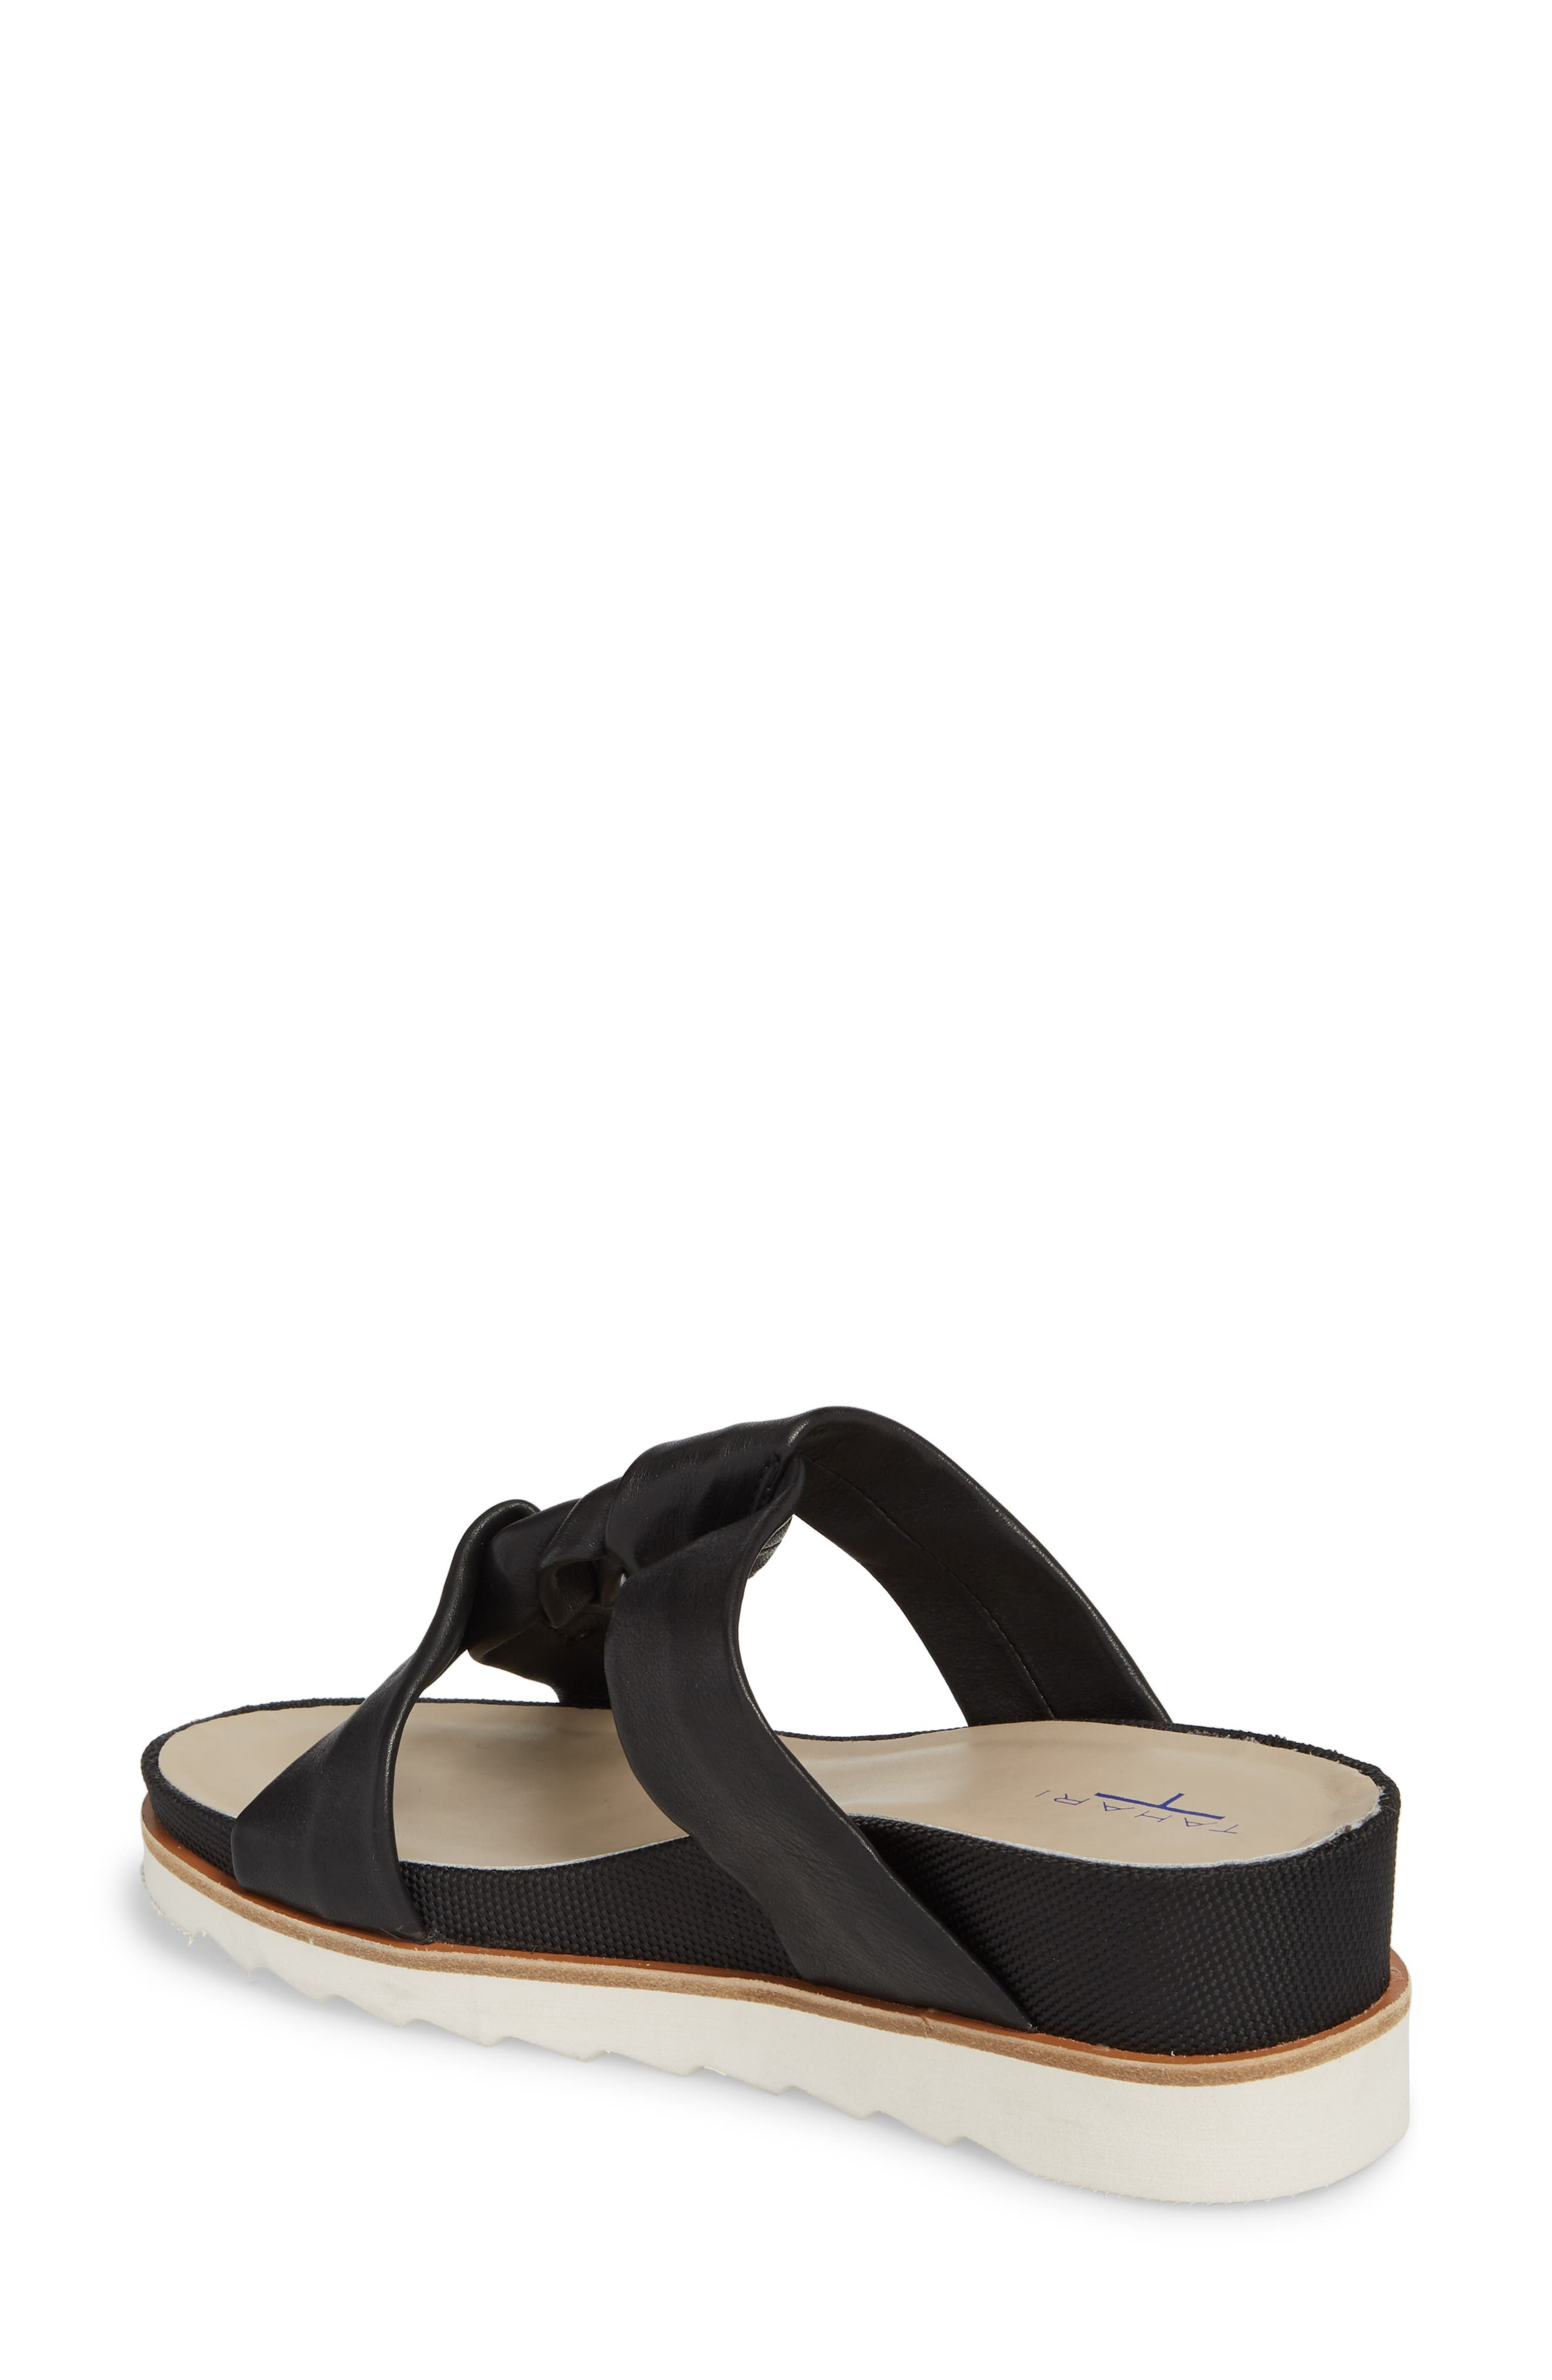 Ginger Slide Sandal,                             Alternate thumbnail 2, color,                             Black Leather